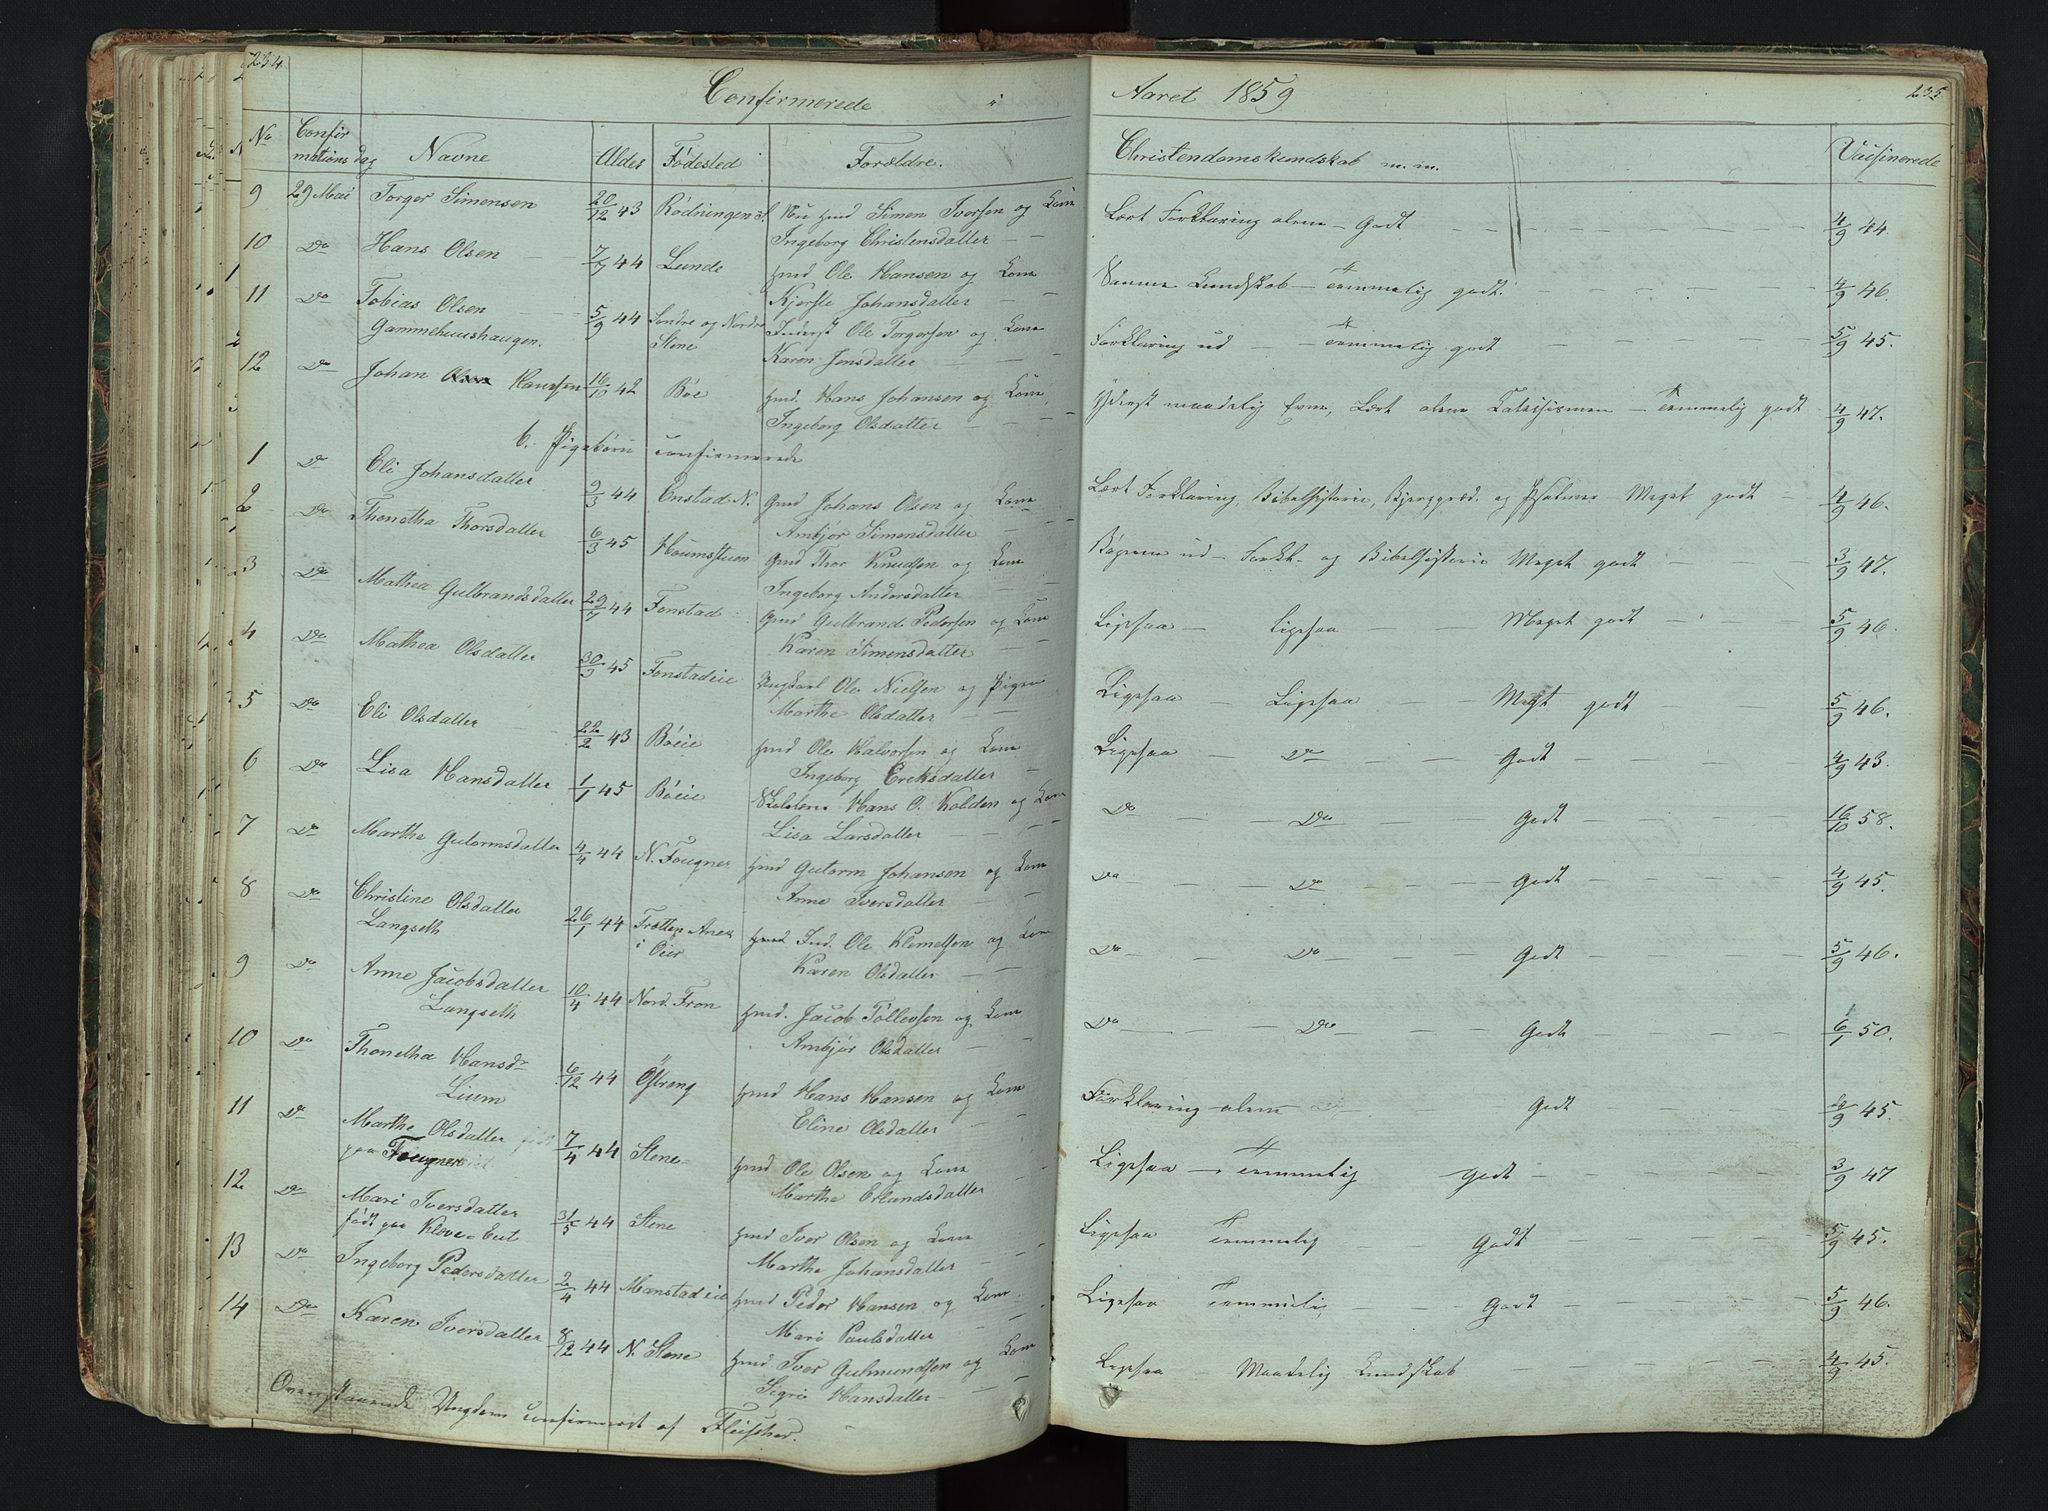 SAH, Gausdal prestekontor, Klokkerbok nr. 6, 1846-1893, s. 234-235